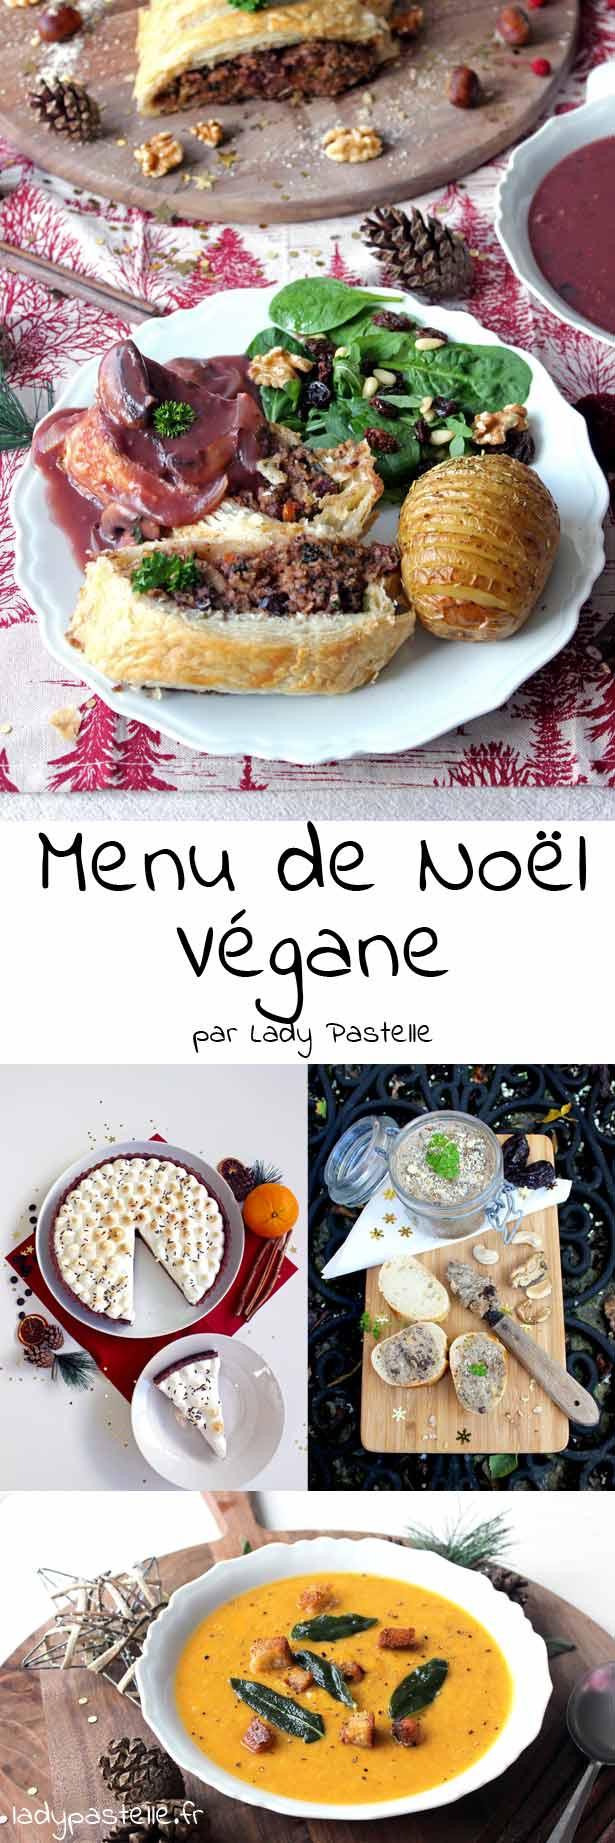 menu-de-noel-vegan